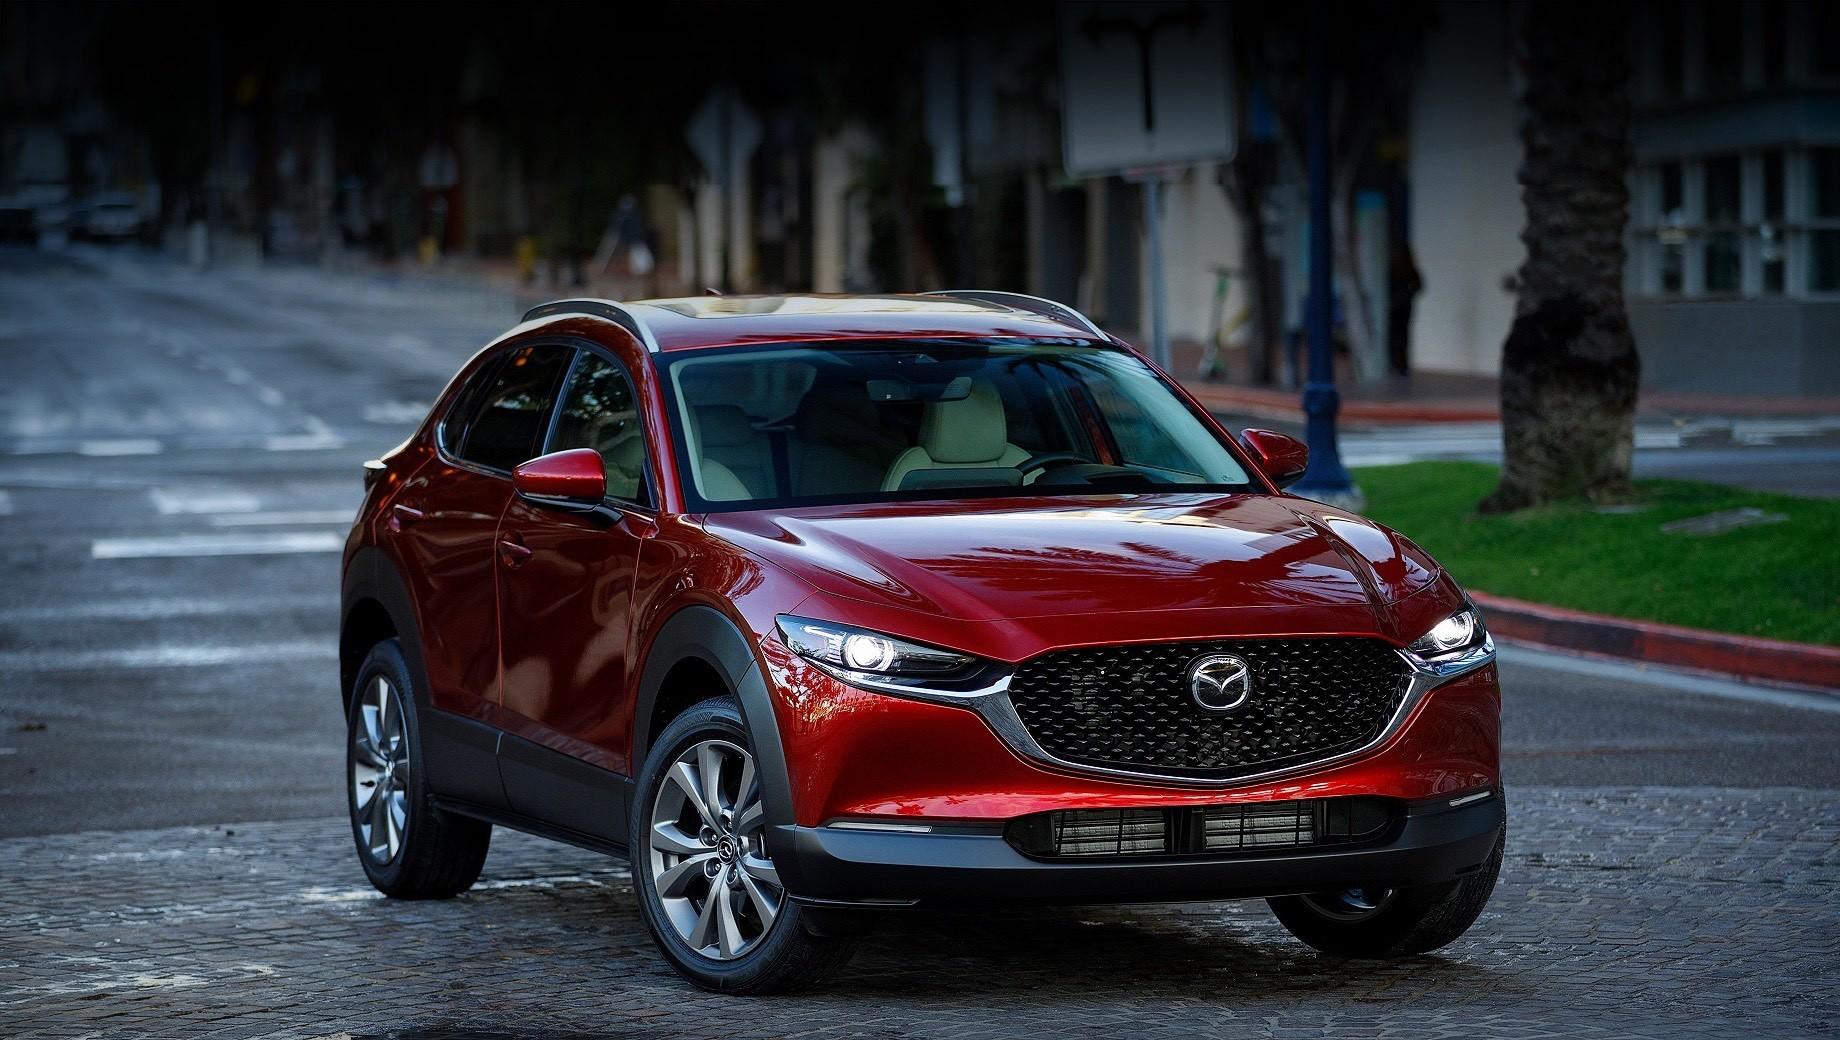 Mazda cx-30. В Соединённых Штатах цены на кроссовер Mazda CX-30 с турбомотором 2.5 будут варьироваться от $31 000 до $35 000 (2,3–2,6 млн рублей). Дороговато, если учитывать меньшую цену за почти все паркетники классом выше. Более того, за $32 565 (2,4 млн) можно купить базовый Volkswagen Atlas с наддувным 2.0.